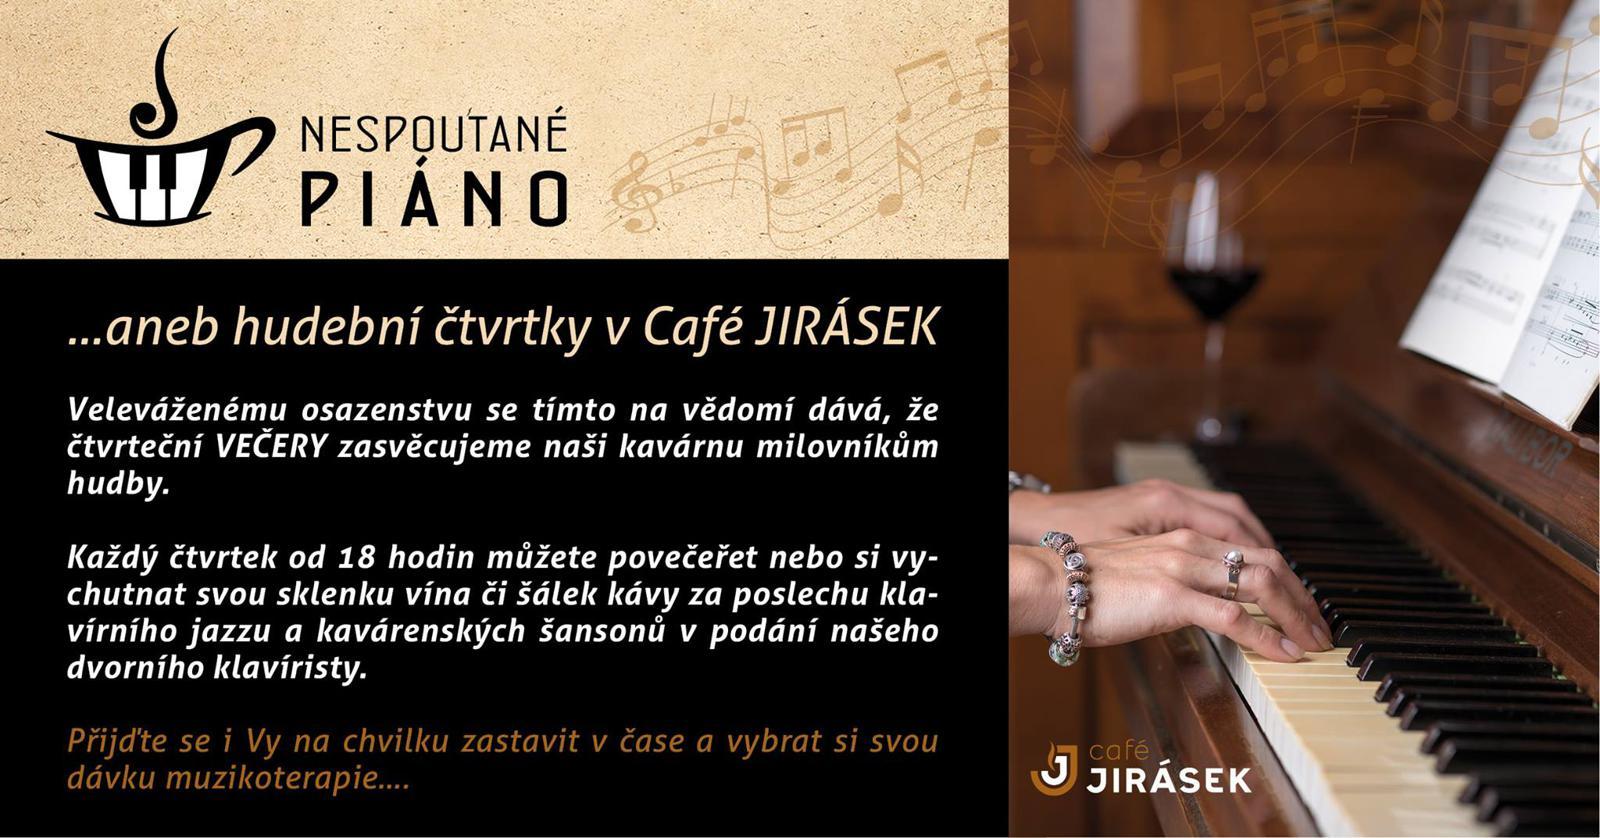 klavír v cafe jirasek